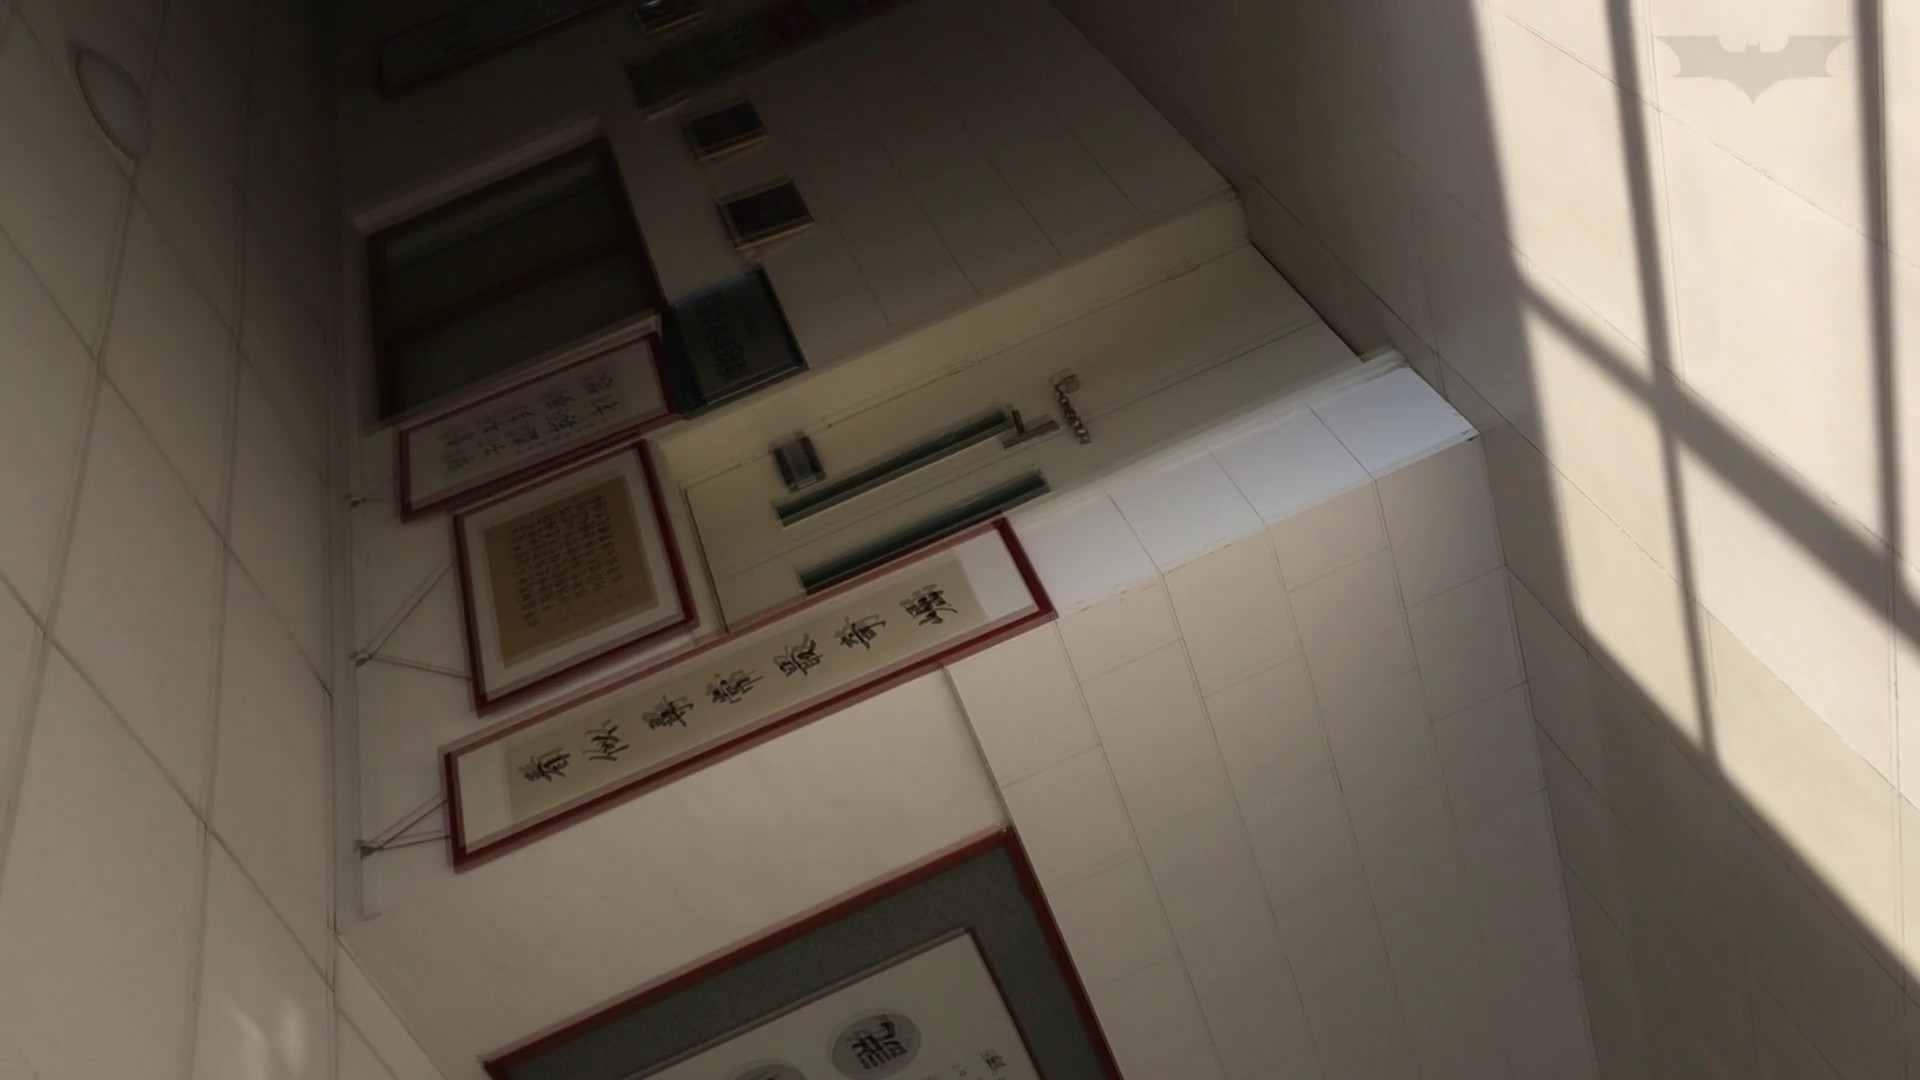 芸術大学ガチ潜入盗撮 JD盗撮 美女の洗面所の秘密 Vol.91 洗面所着替え | トイレ中  48連発 12